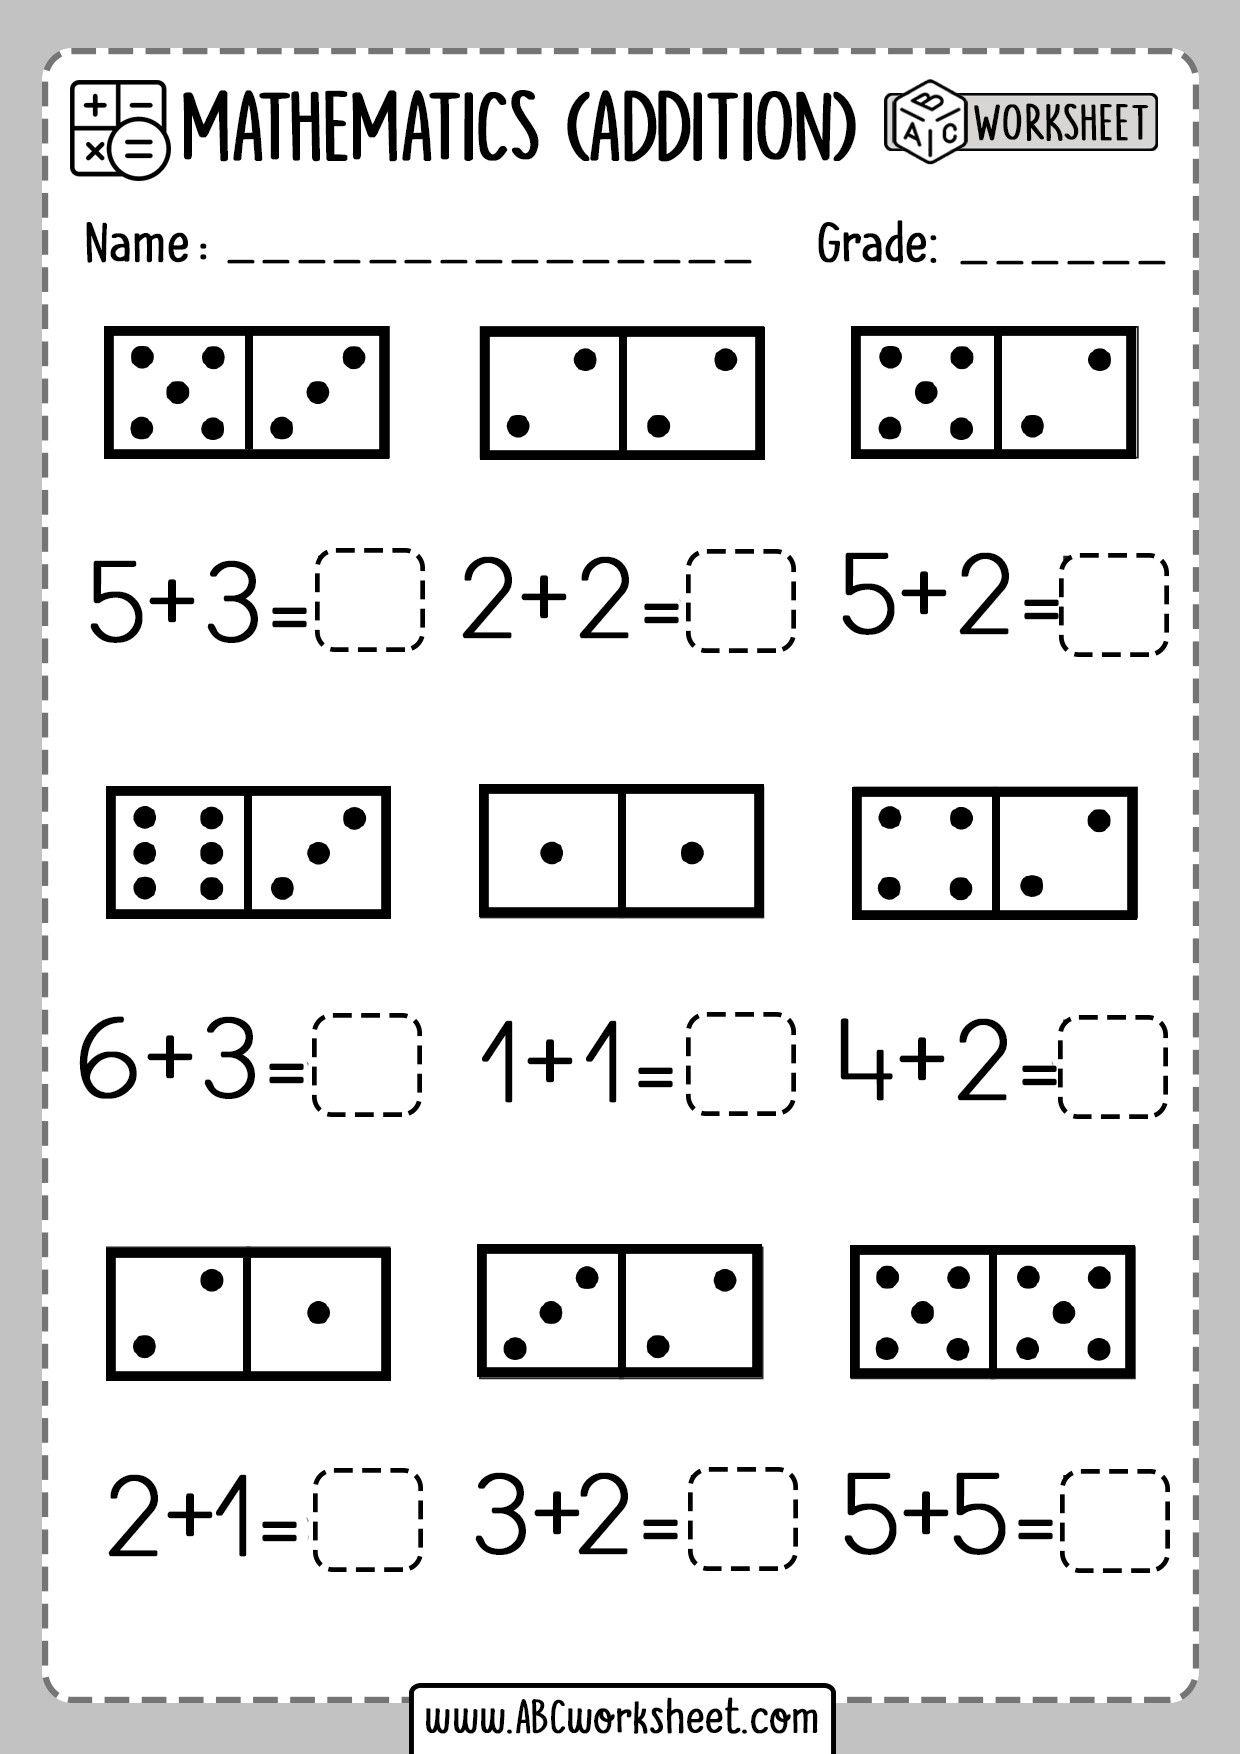 Kindergarten Math Worksheet Addition In